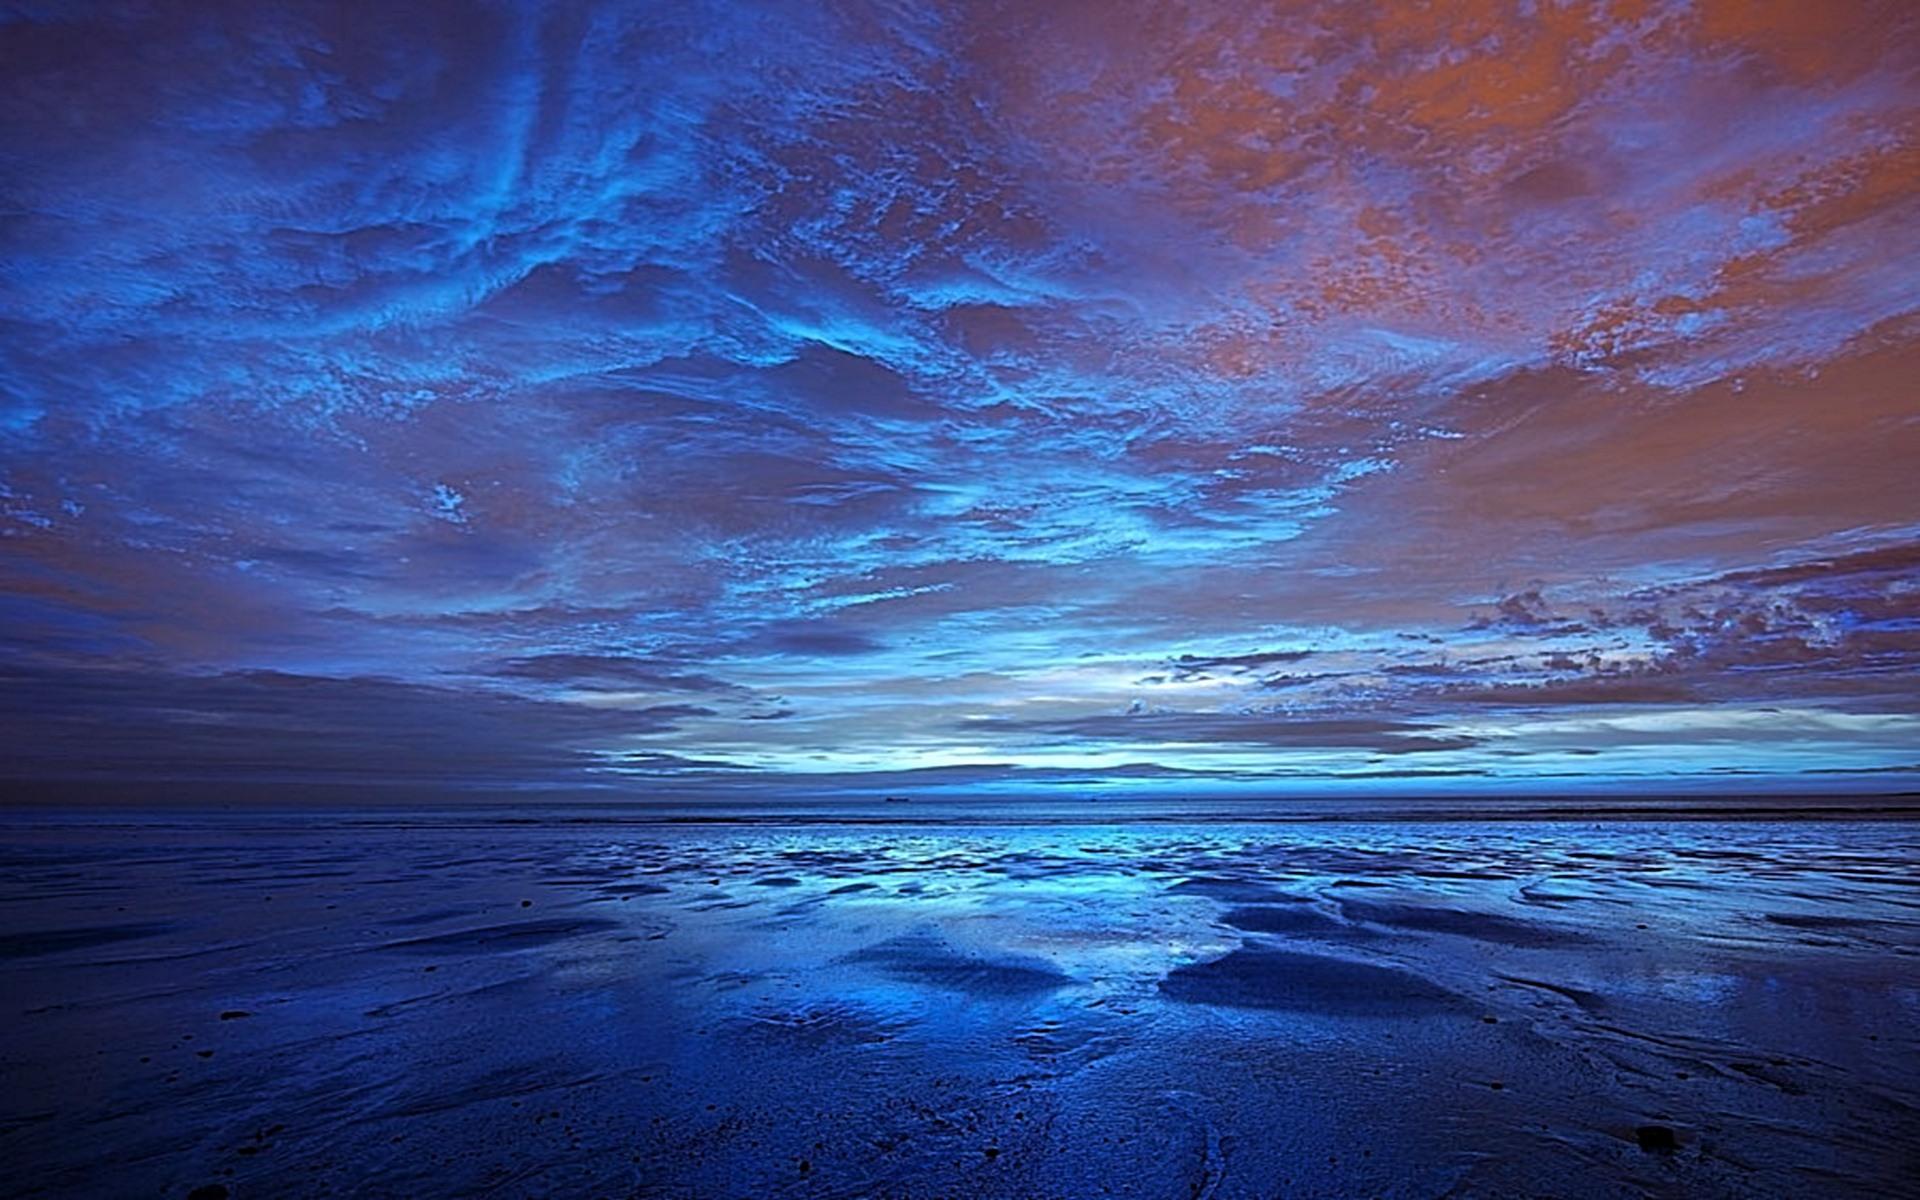 blue sunset wallpaper original 1920x1200 1920x1200